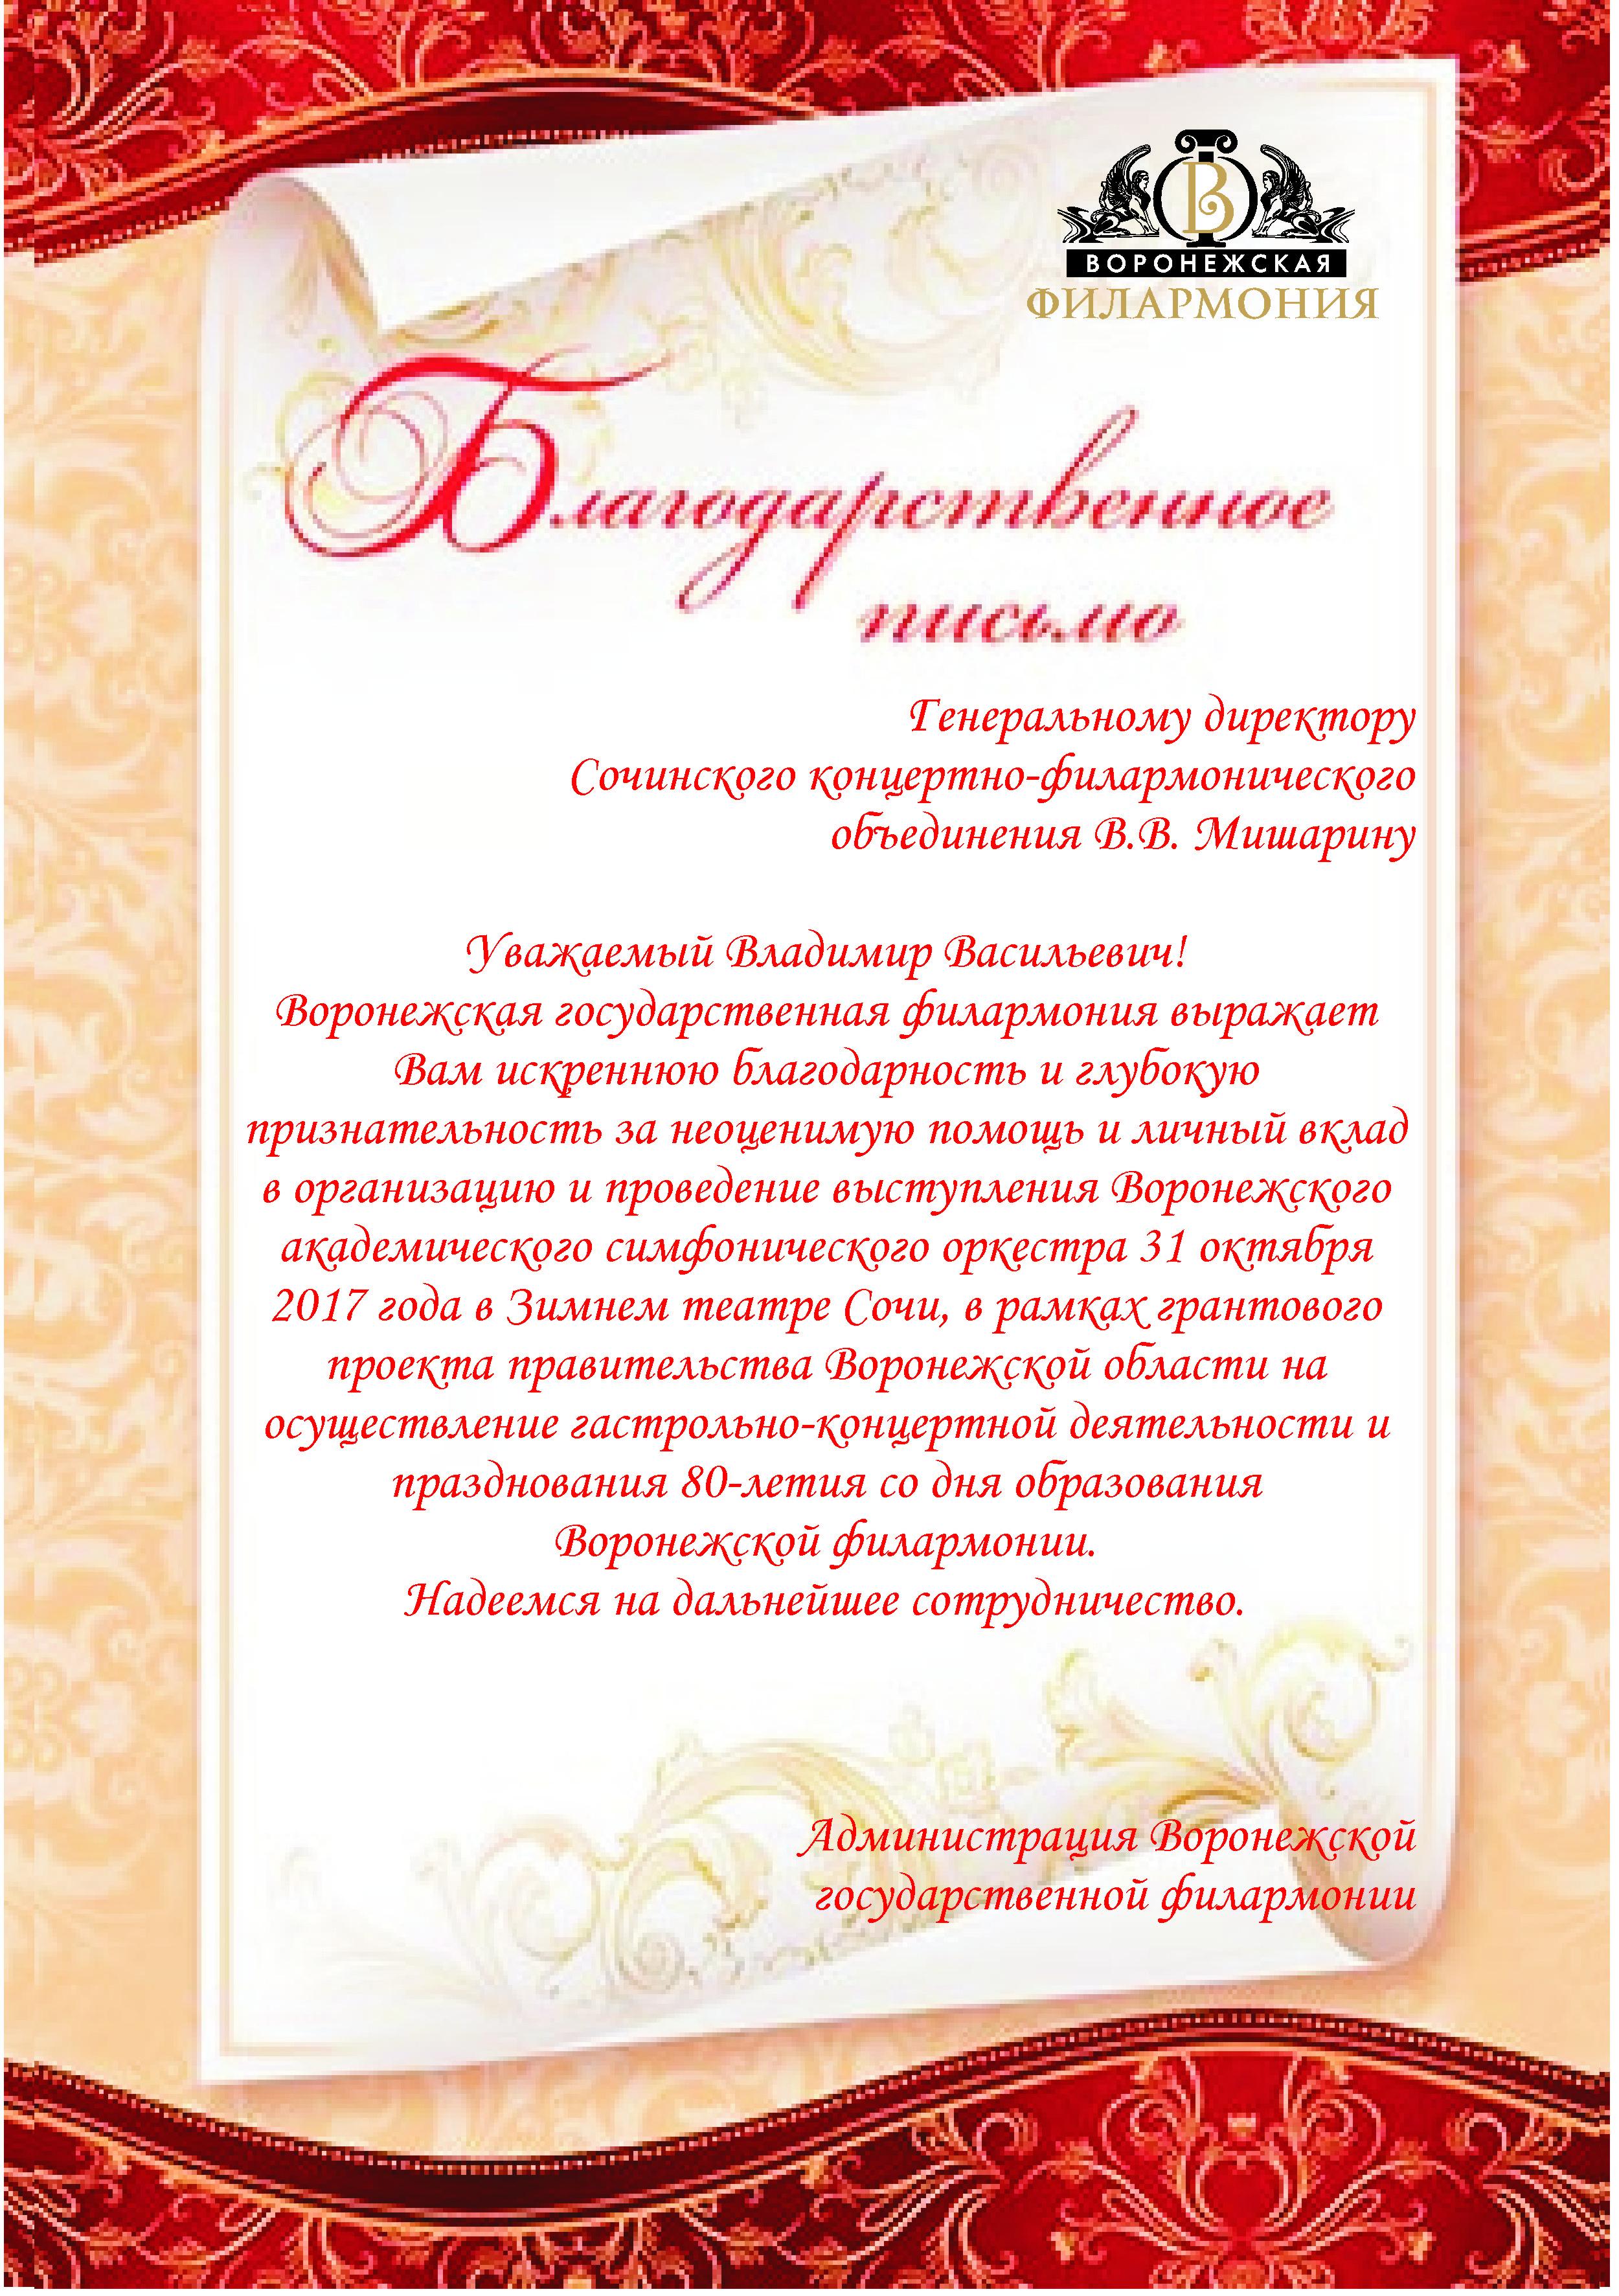 Благодарственное_письмо_Воронежская государственная_филармония.jpg